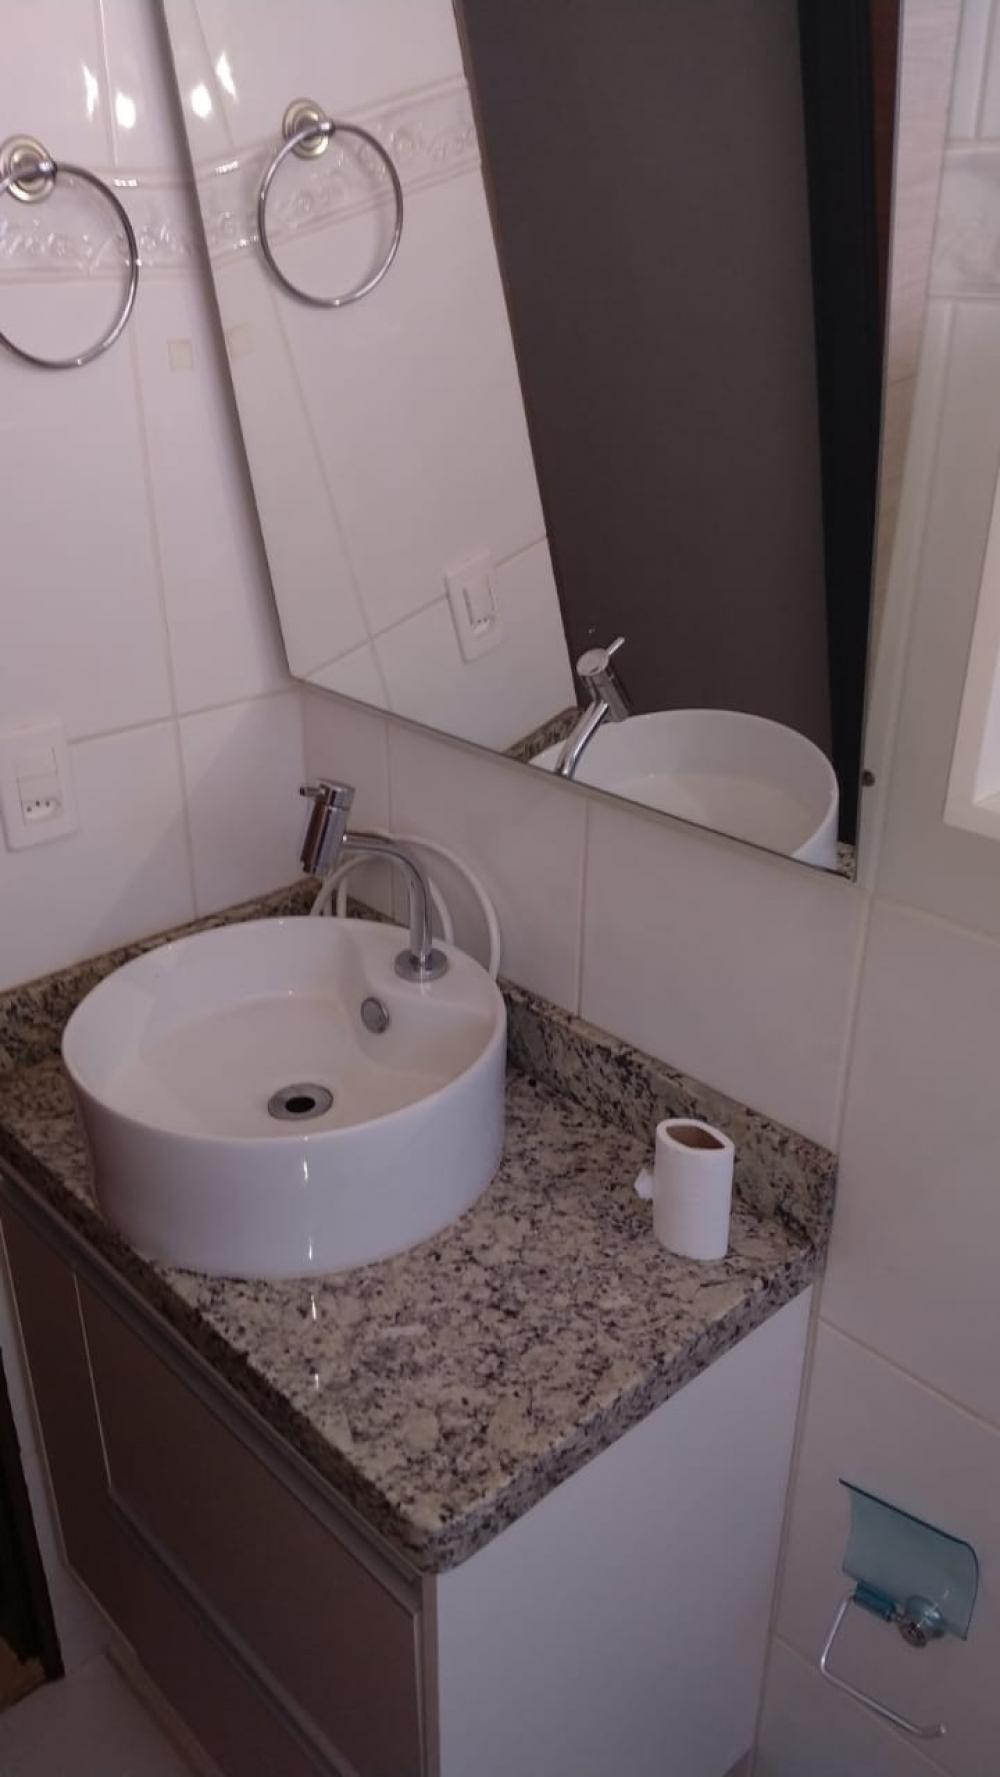 Comprar Apartamento / Padrão em Ribeirão Preto R$ 160.000,00 - Foto 5